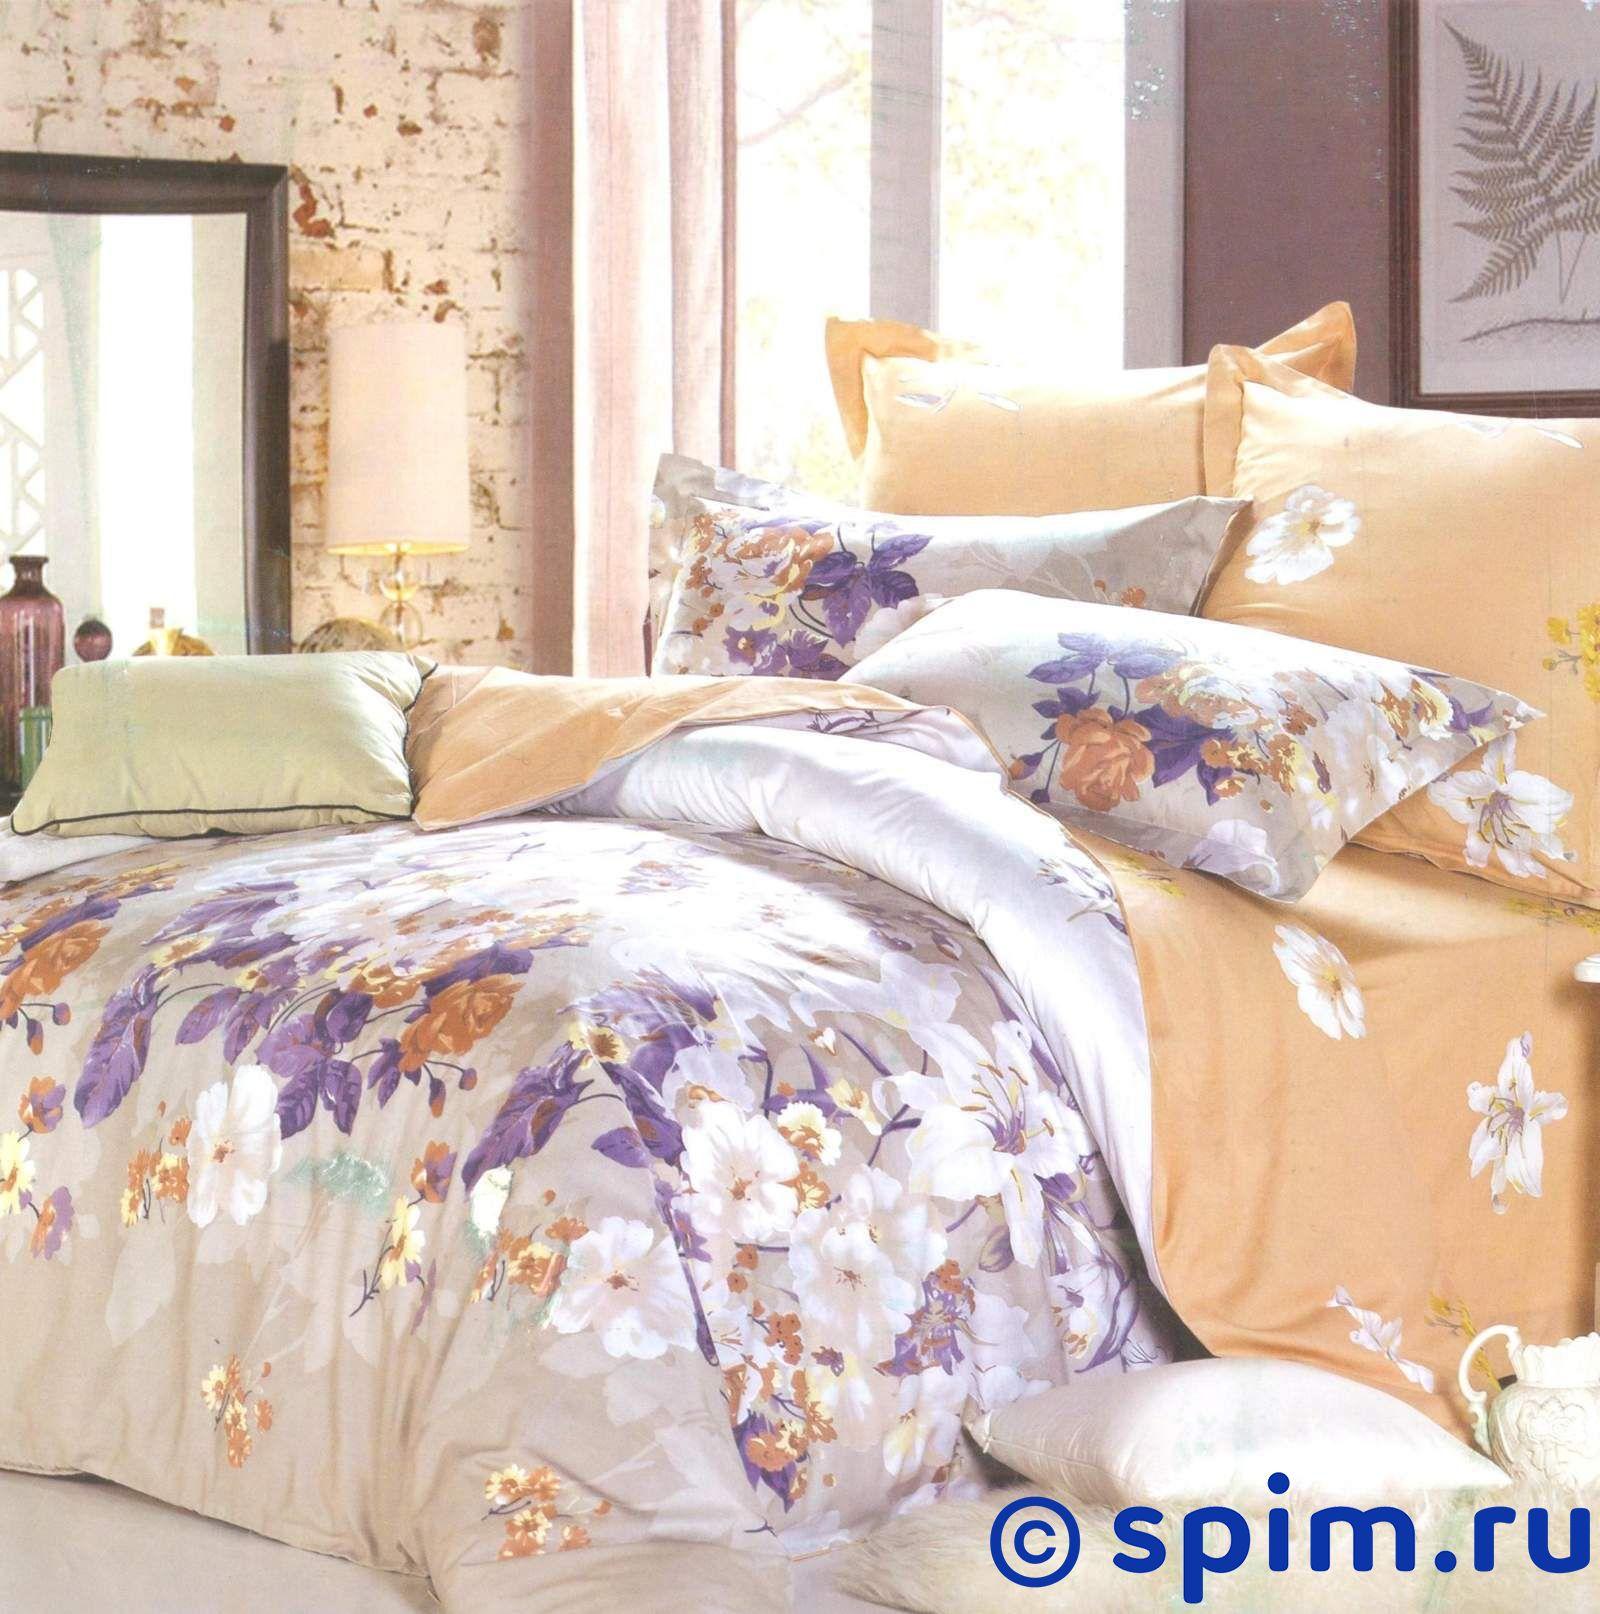 Комплект СайлиД В145 СемейноеСатиновое постельное белье СайлиД<br>Материал: 100% хлопок (печатный сатин). Плотность, г/м2: 130. Размер Sailid Б: Семейное<br><br>Размер: Семейное